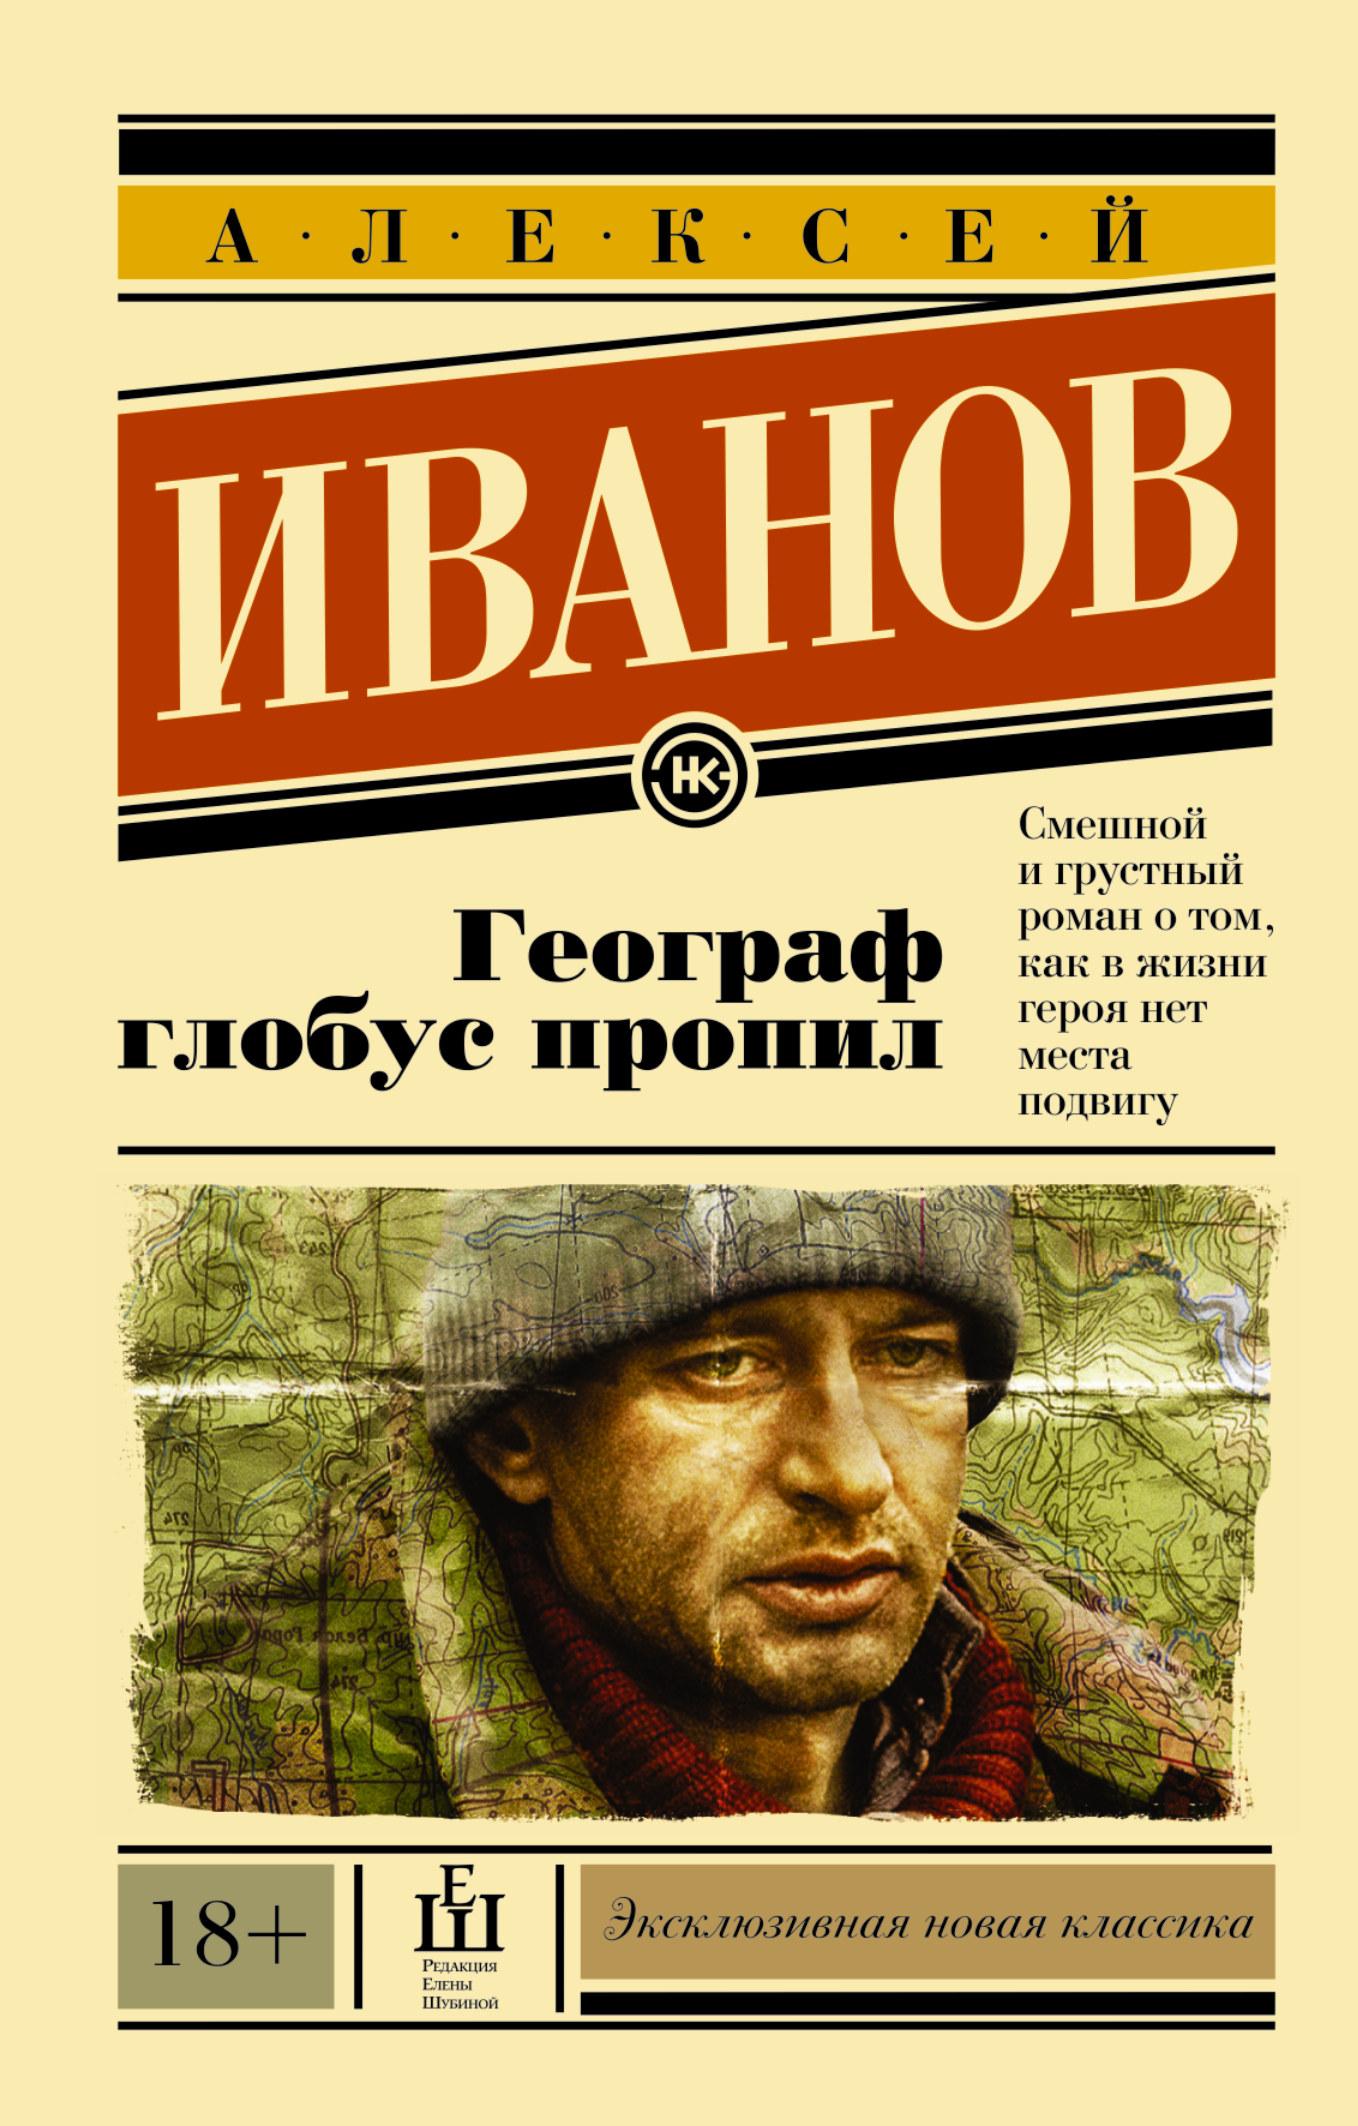 Иванов географ глобус пропил книга скачать